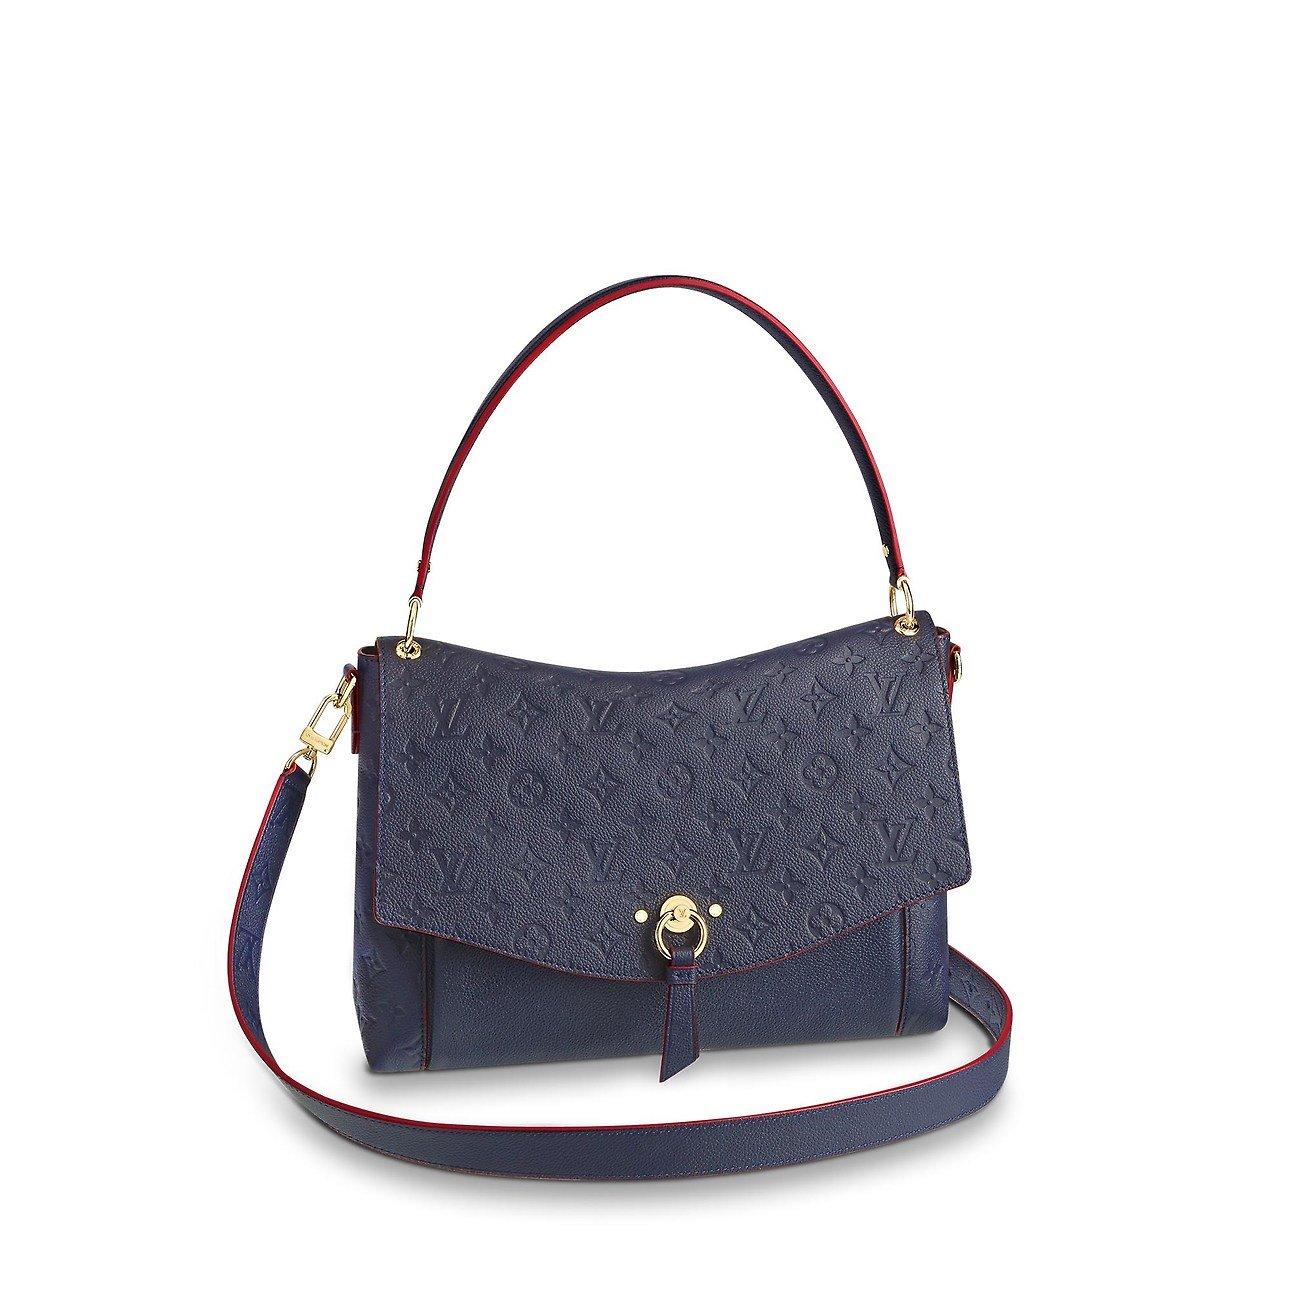 Borsa a mano e a spalla Louis Vuitton Blanche collezione 2019 prezzo 1920 euro